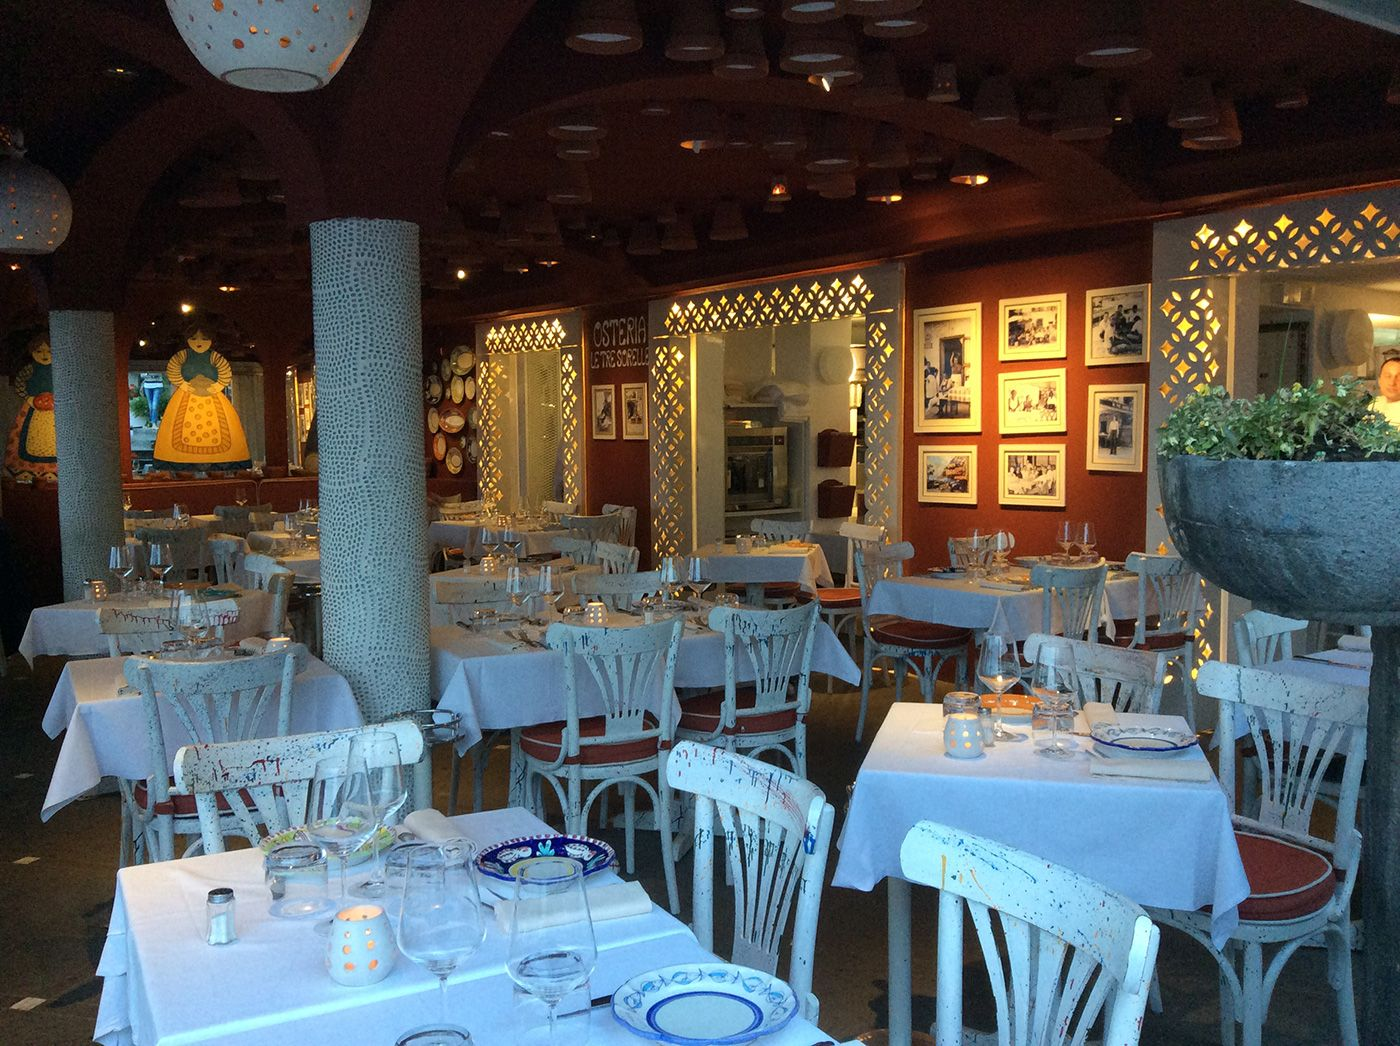 Un ristorante affacciato sul mare di Positano, con la luce ...